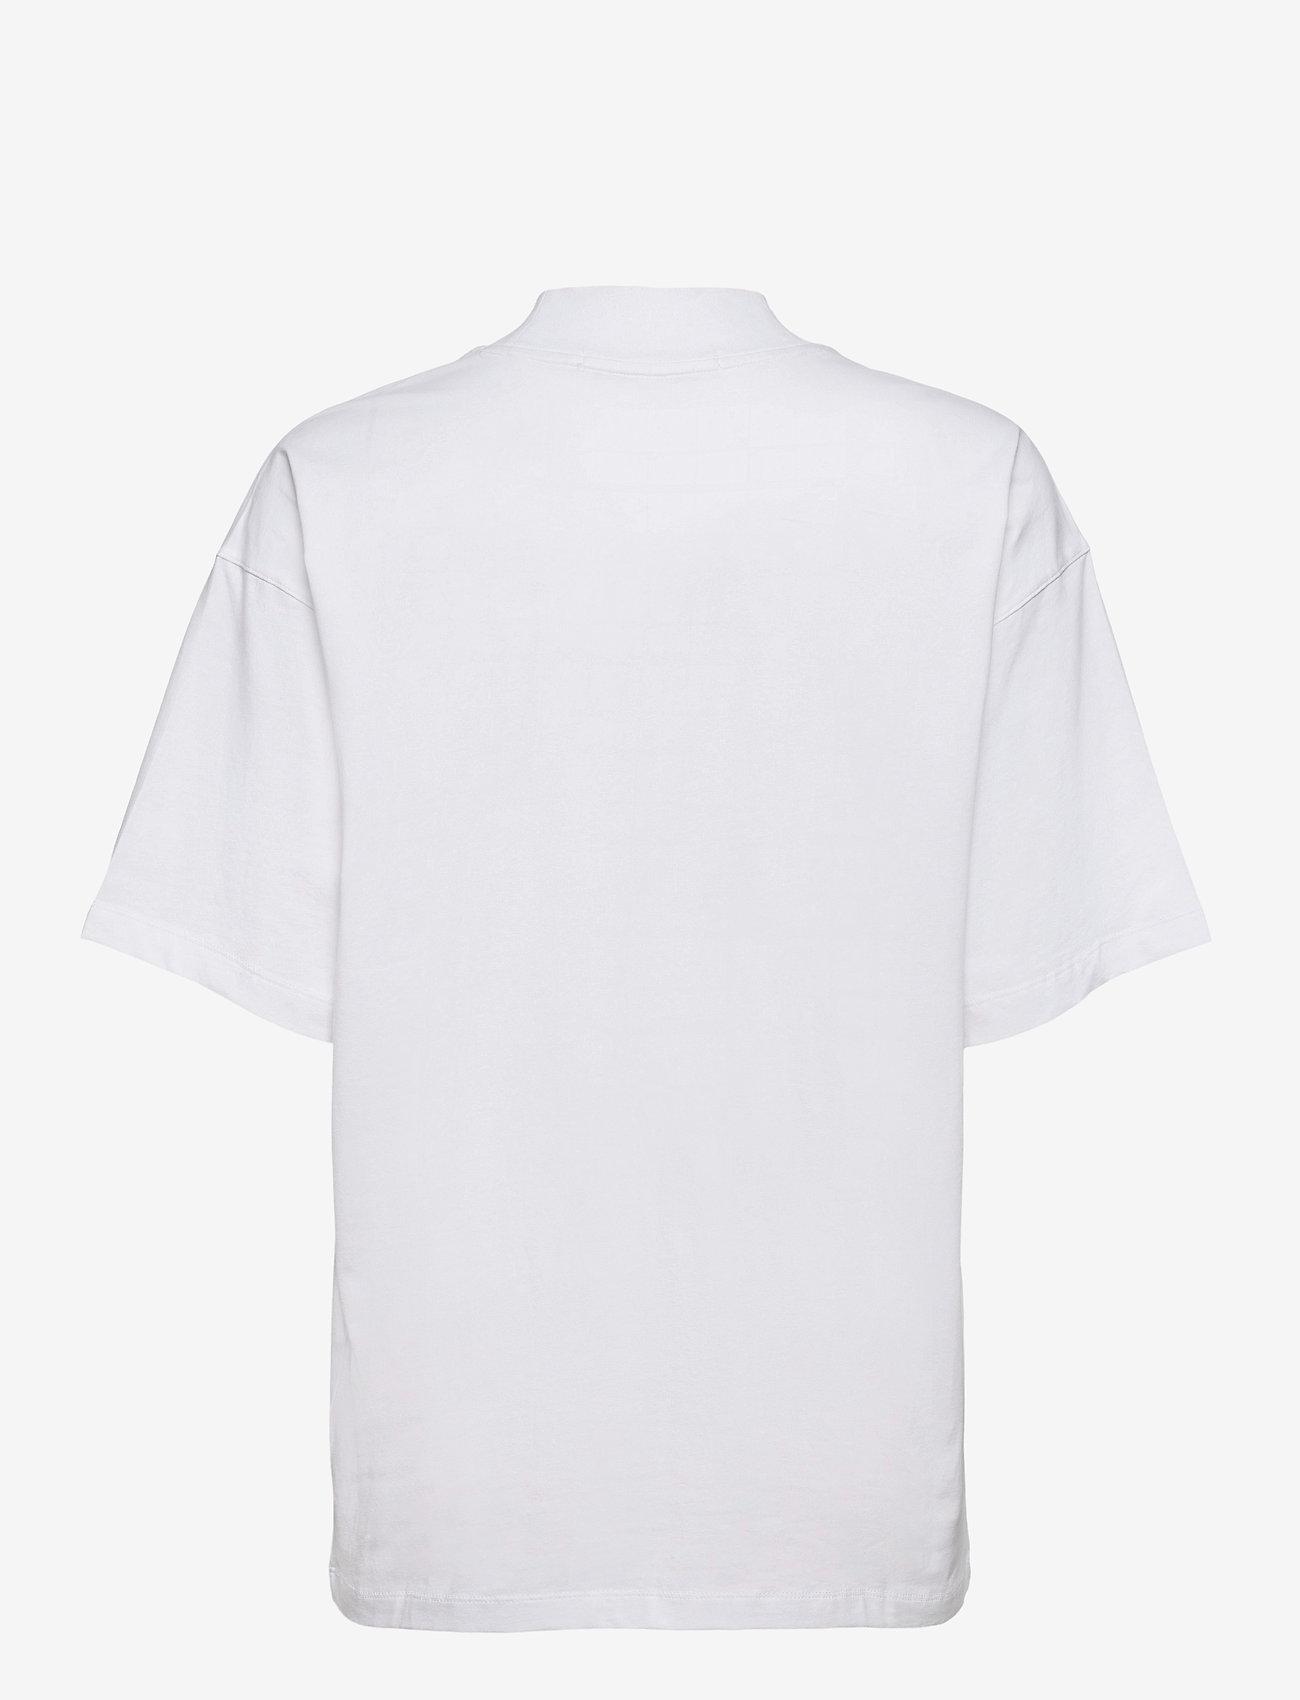 Calvin Klein Jeans - UNISEX MICRO BRANDING MOCK NECK - basis-t-skjorter - bright white - 1